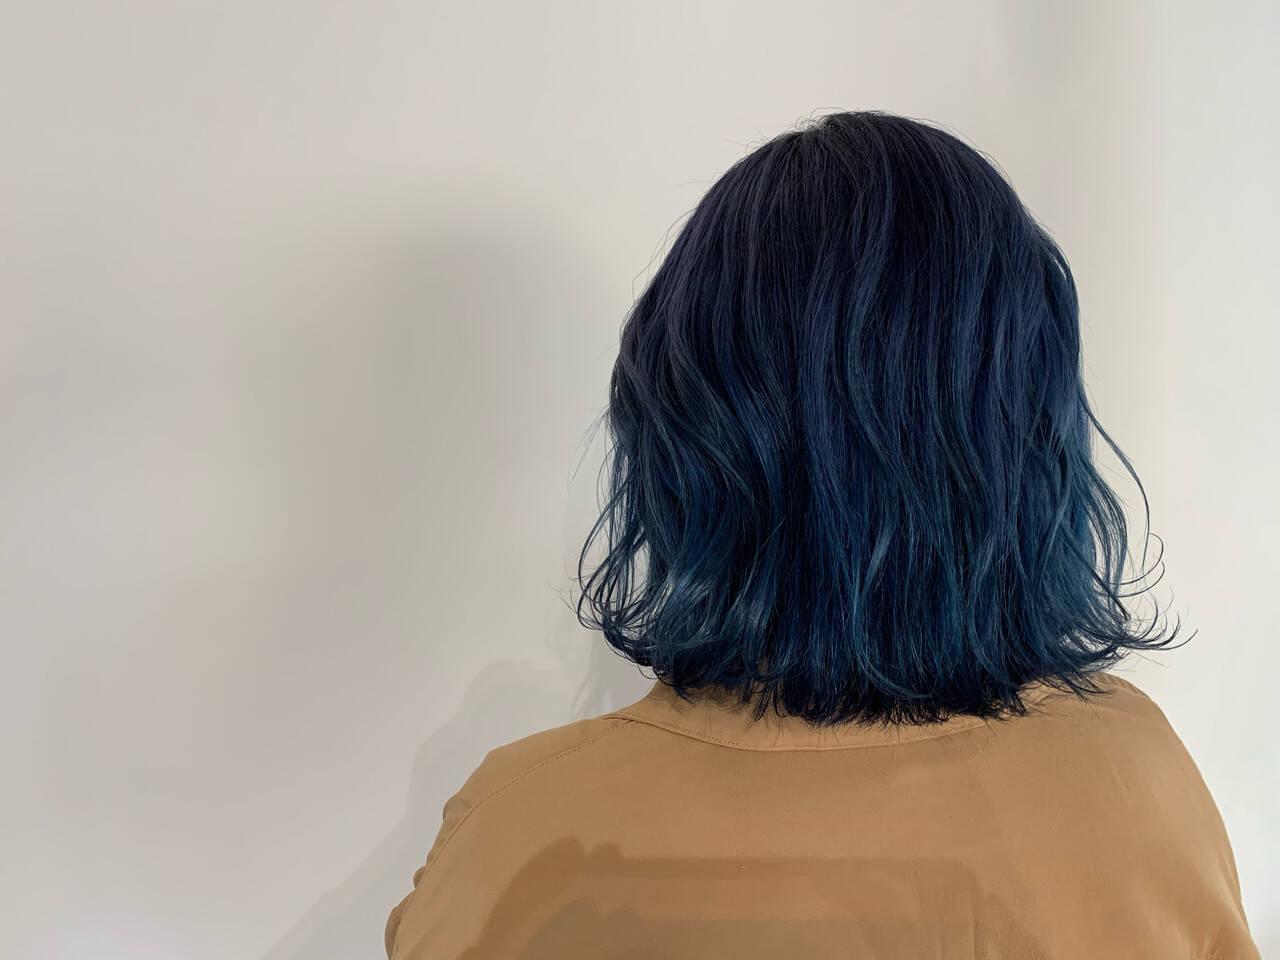 ブルーブラック モード ネイビーブルー ブルーヘアスタイルや髪型の写真・画像